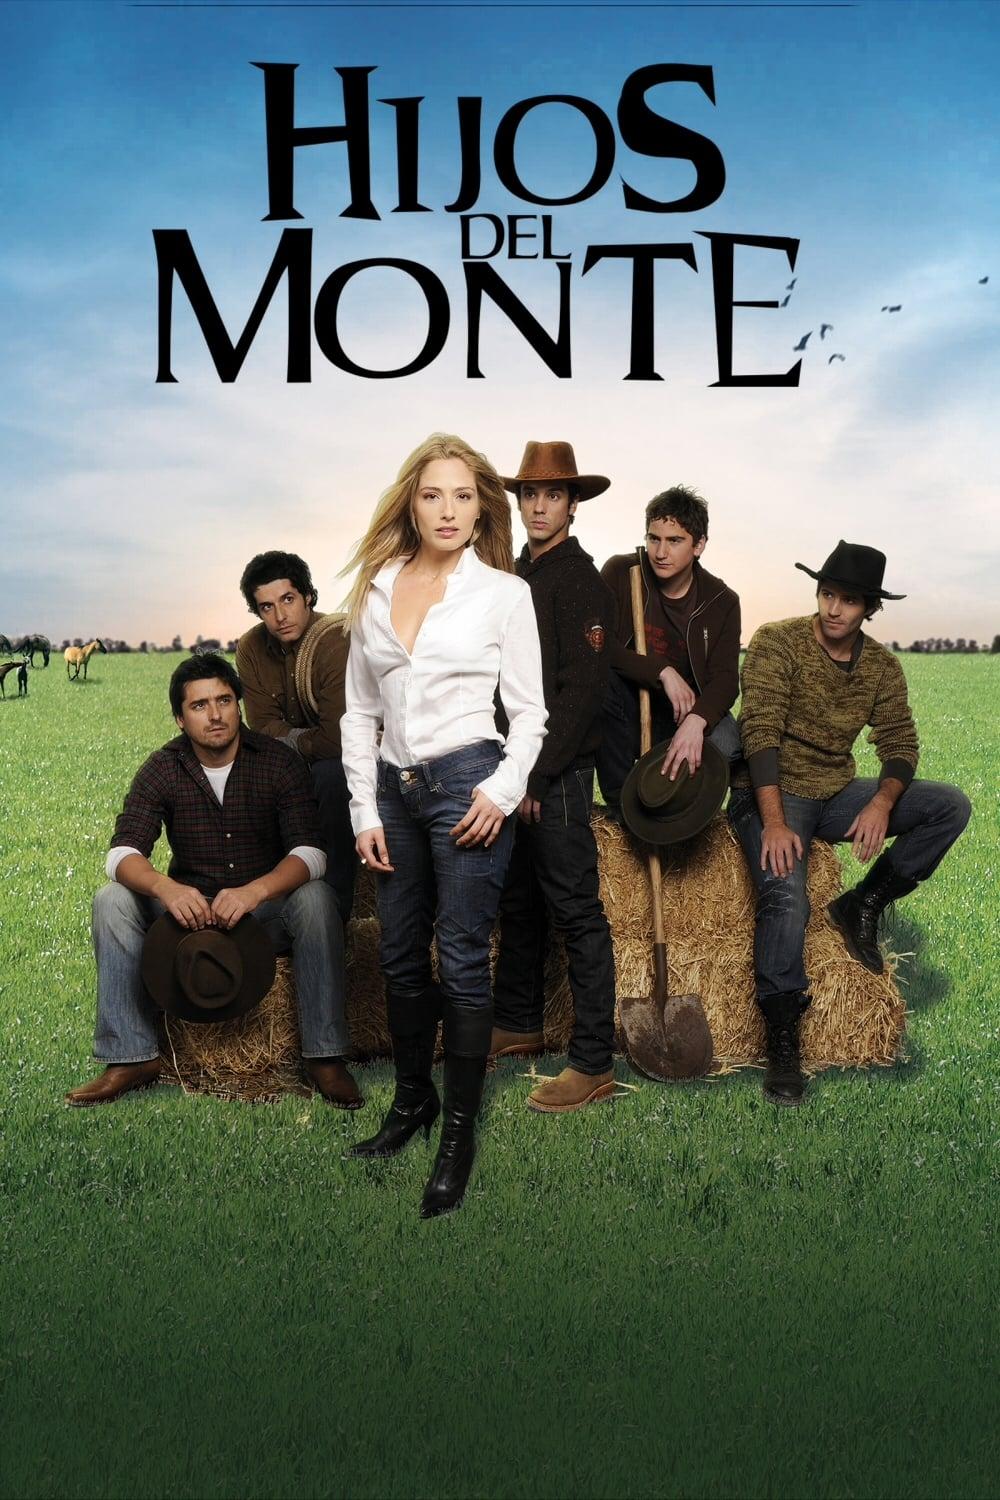 Hijos Del Monte